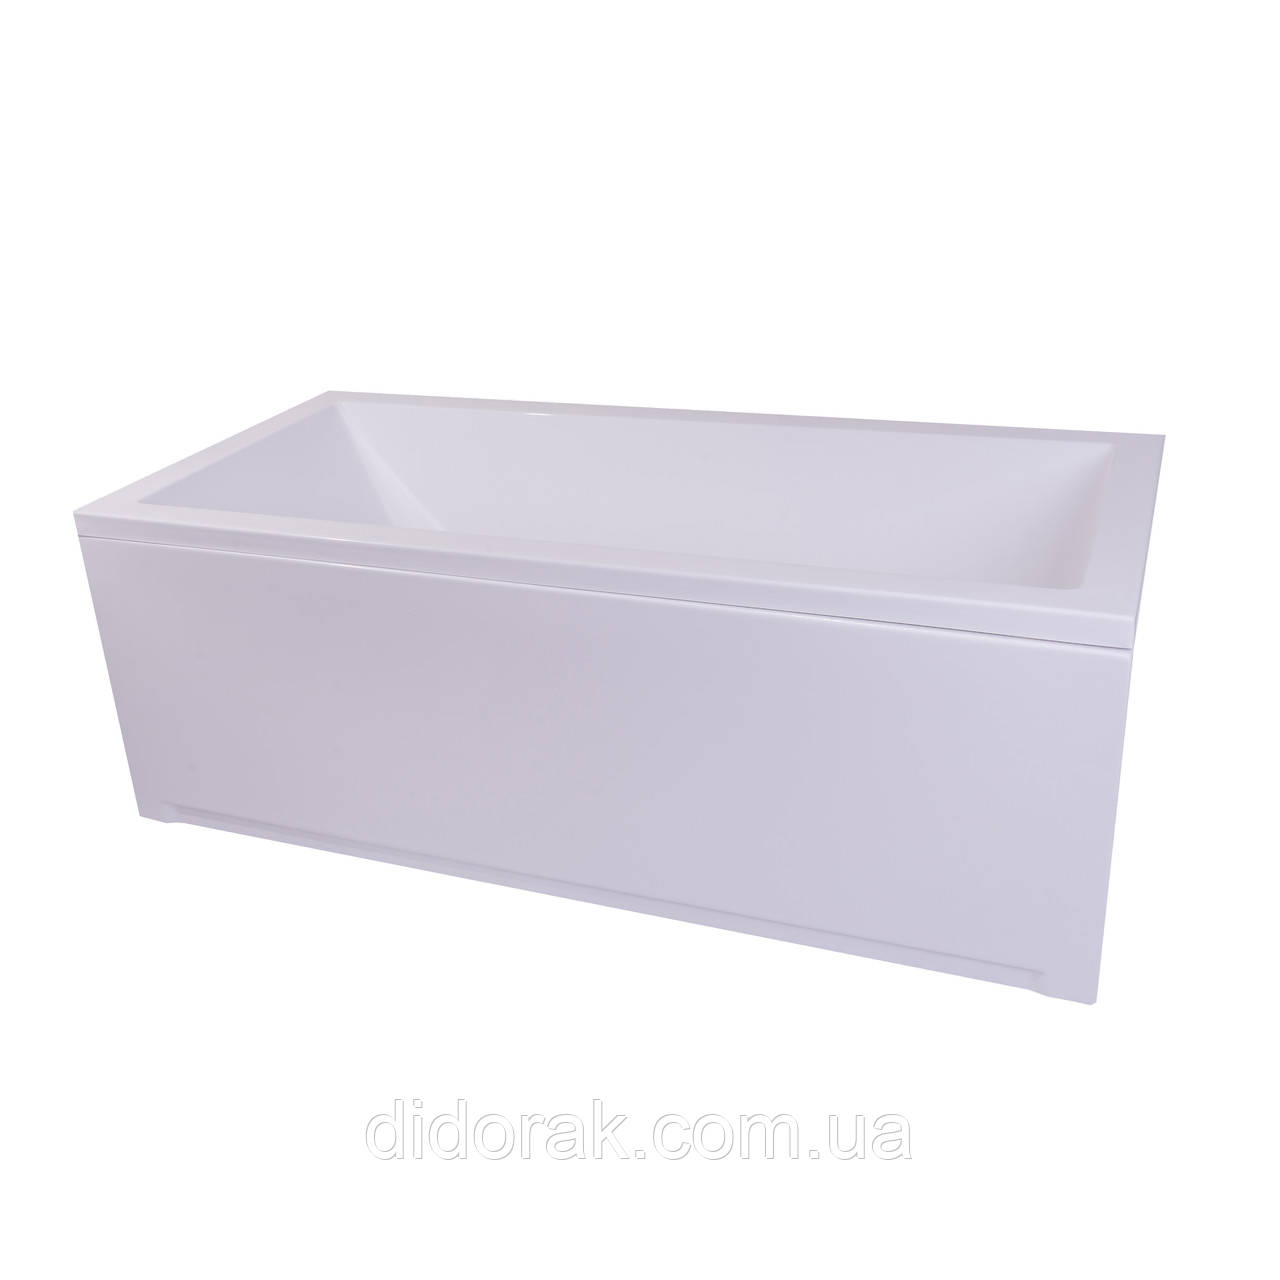 Акриловая ванна Nika 170*75 см, фото 1